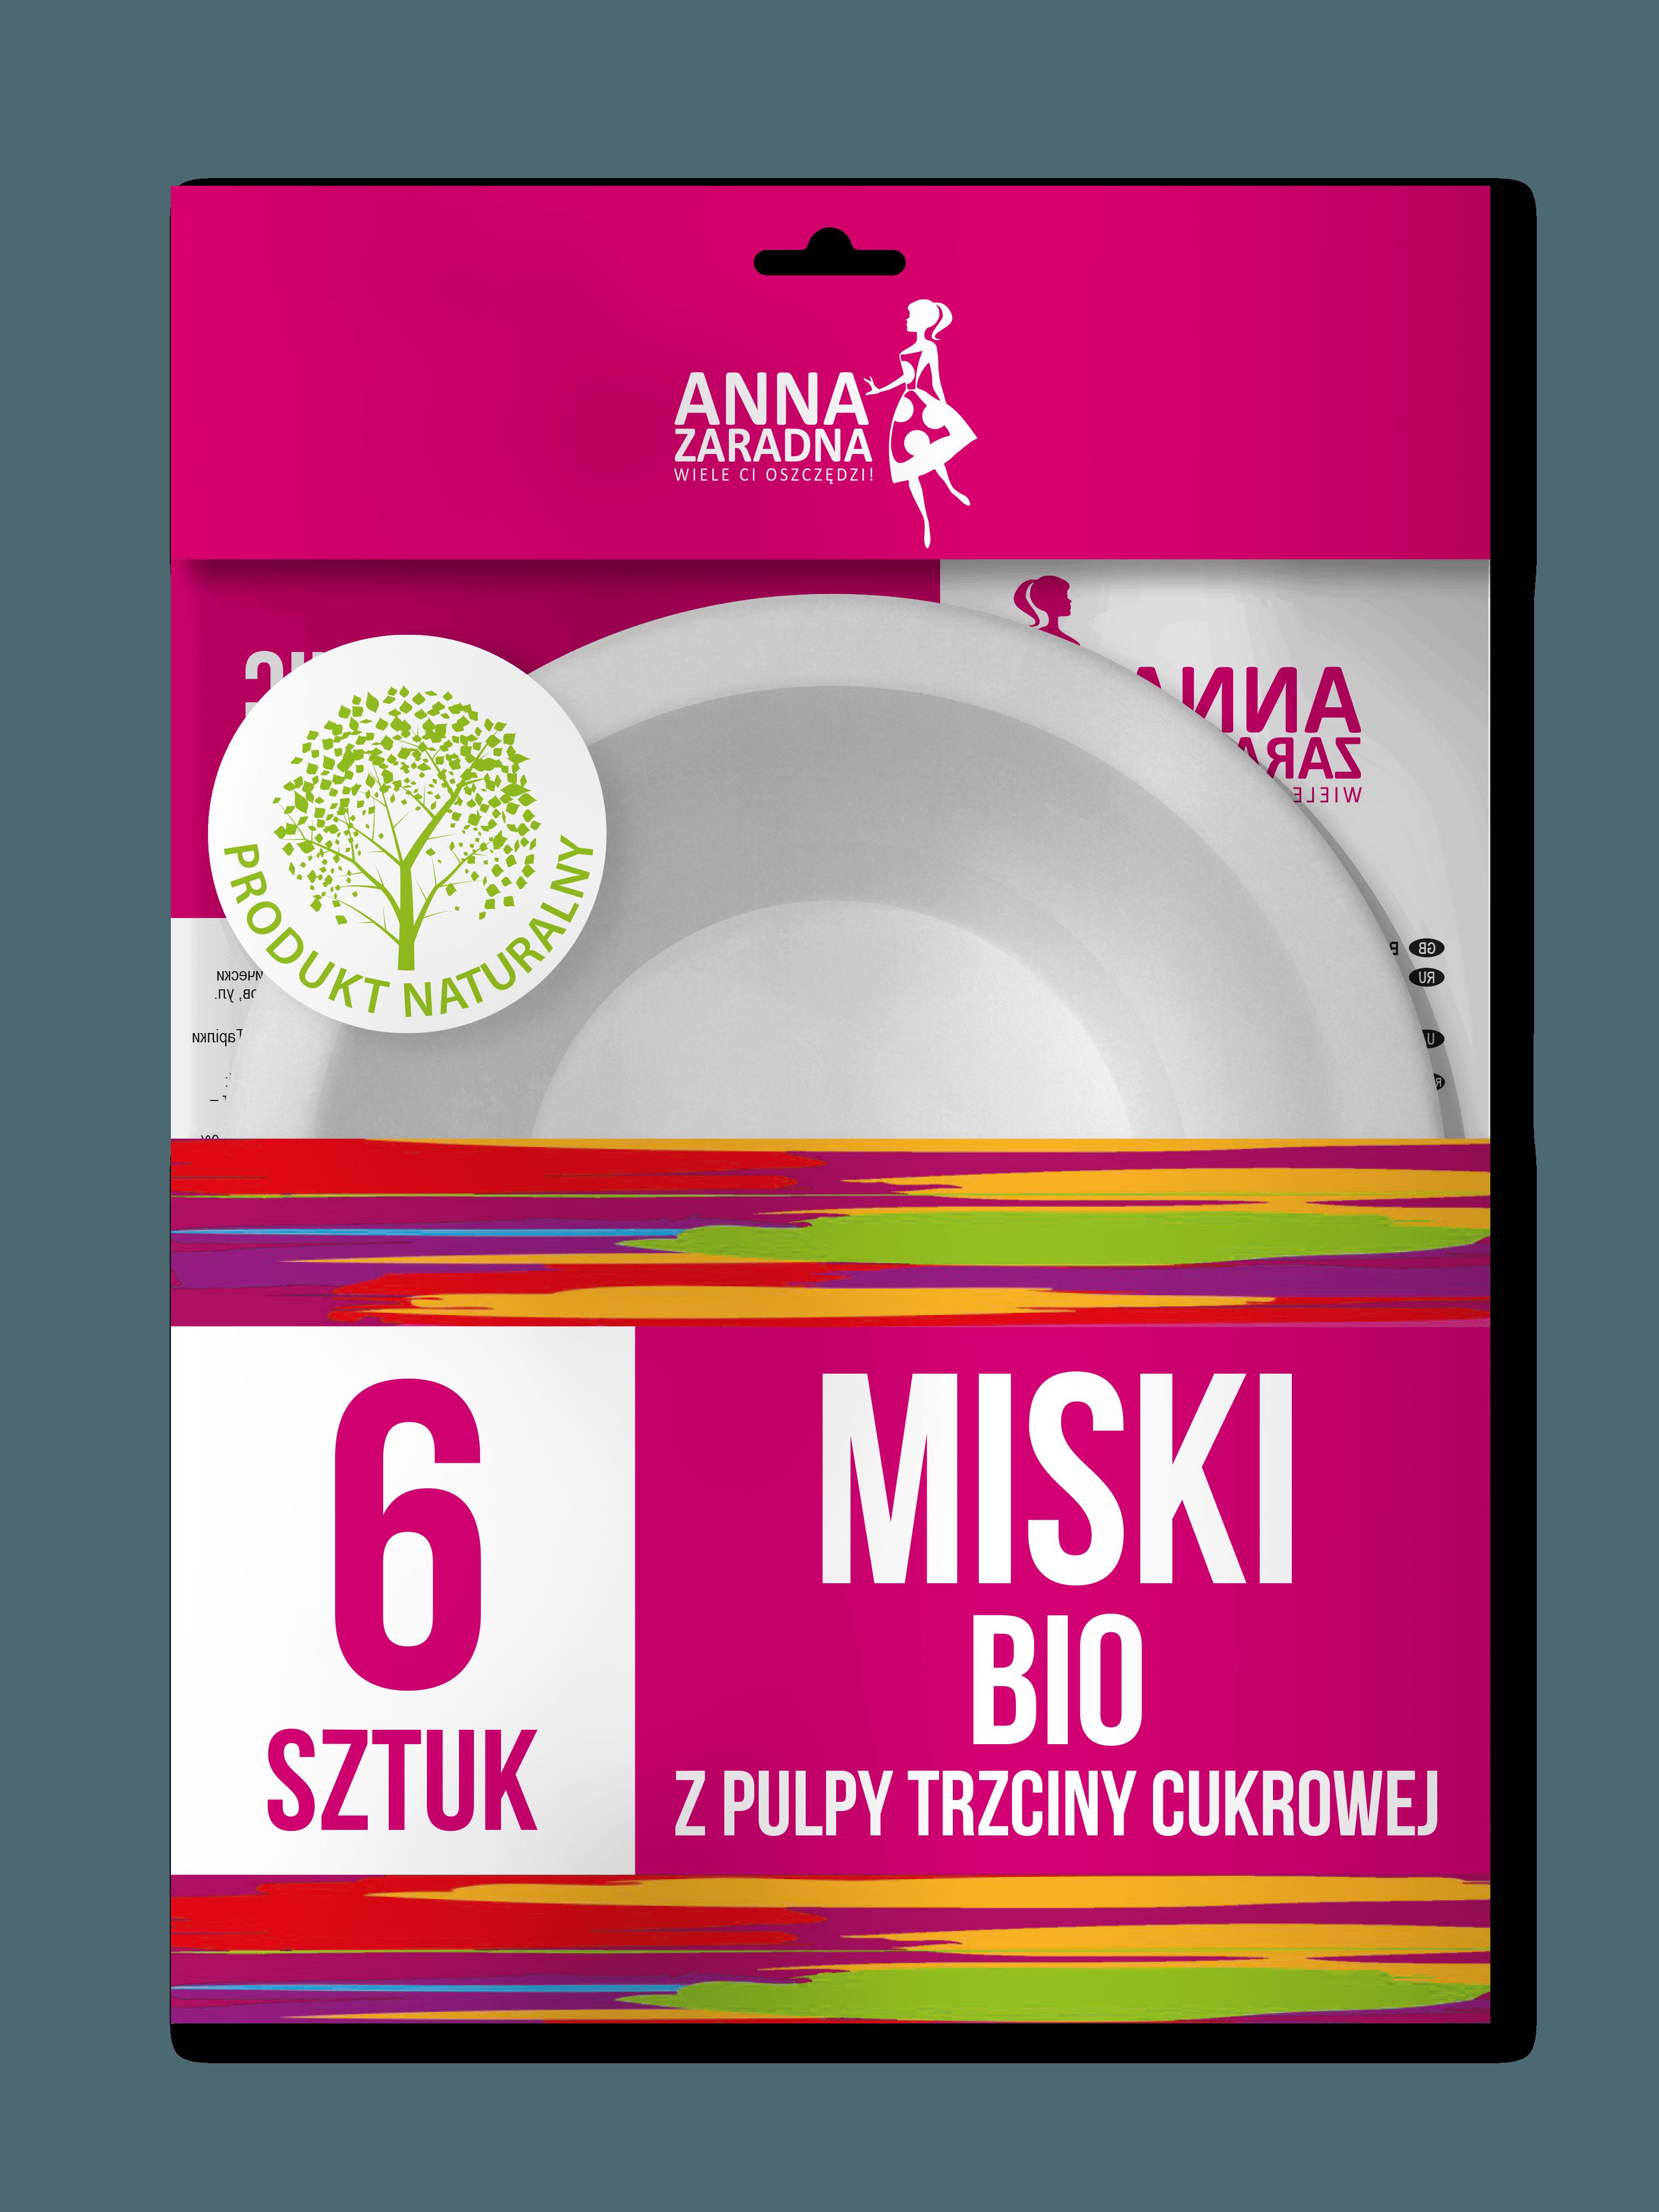 Miski BIO z pulpy trzciny cukrowej 6 szt Anna Zaradna